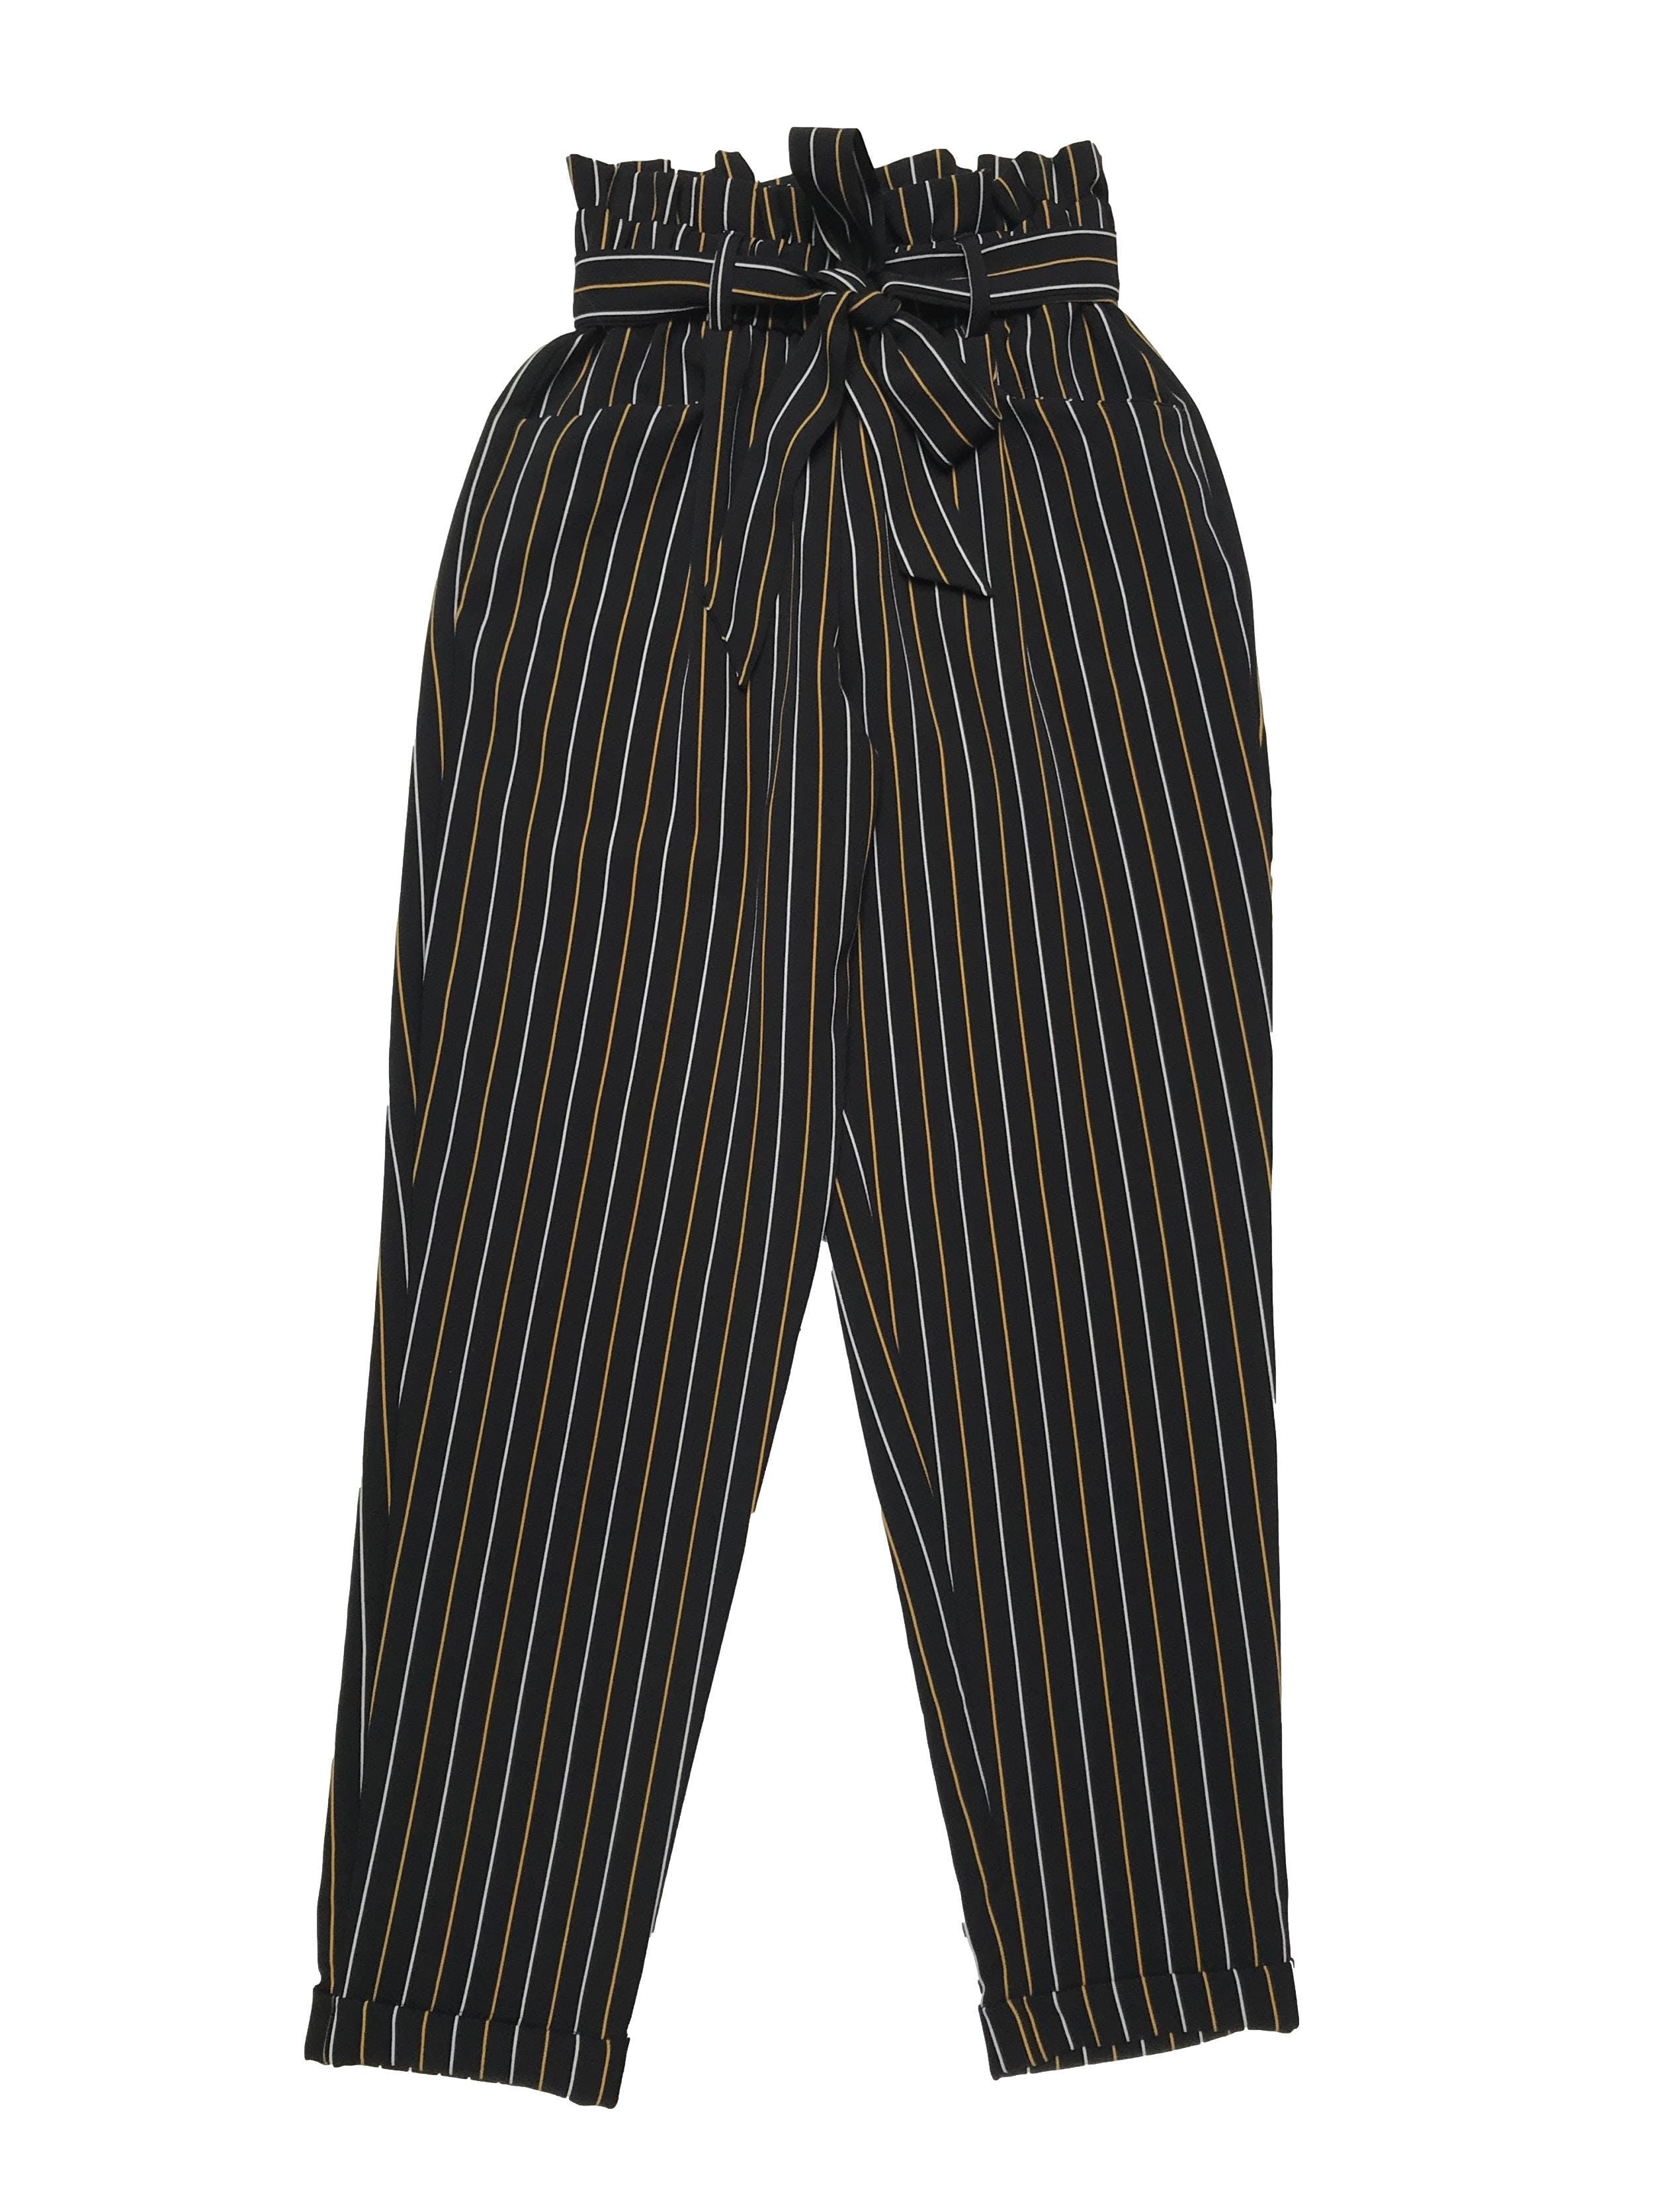 Pantalón paper bag Moda&cia negro con líneas blancas y amarillas, pretina elástica con cinto para amarrar, bolsillos laterales y dobladillo en la basta. Cintura 60cm sin estirar Largo 95cm